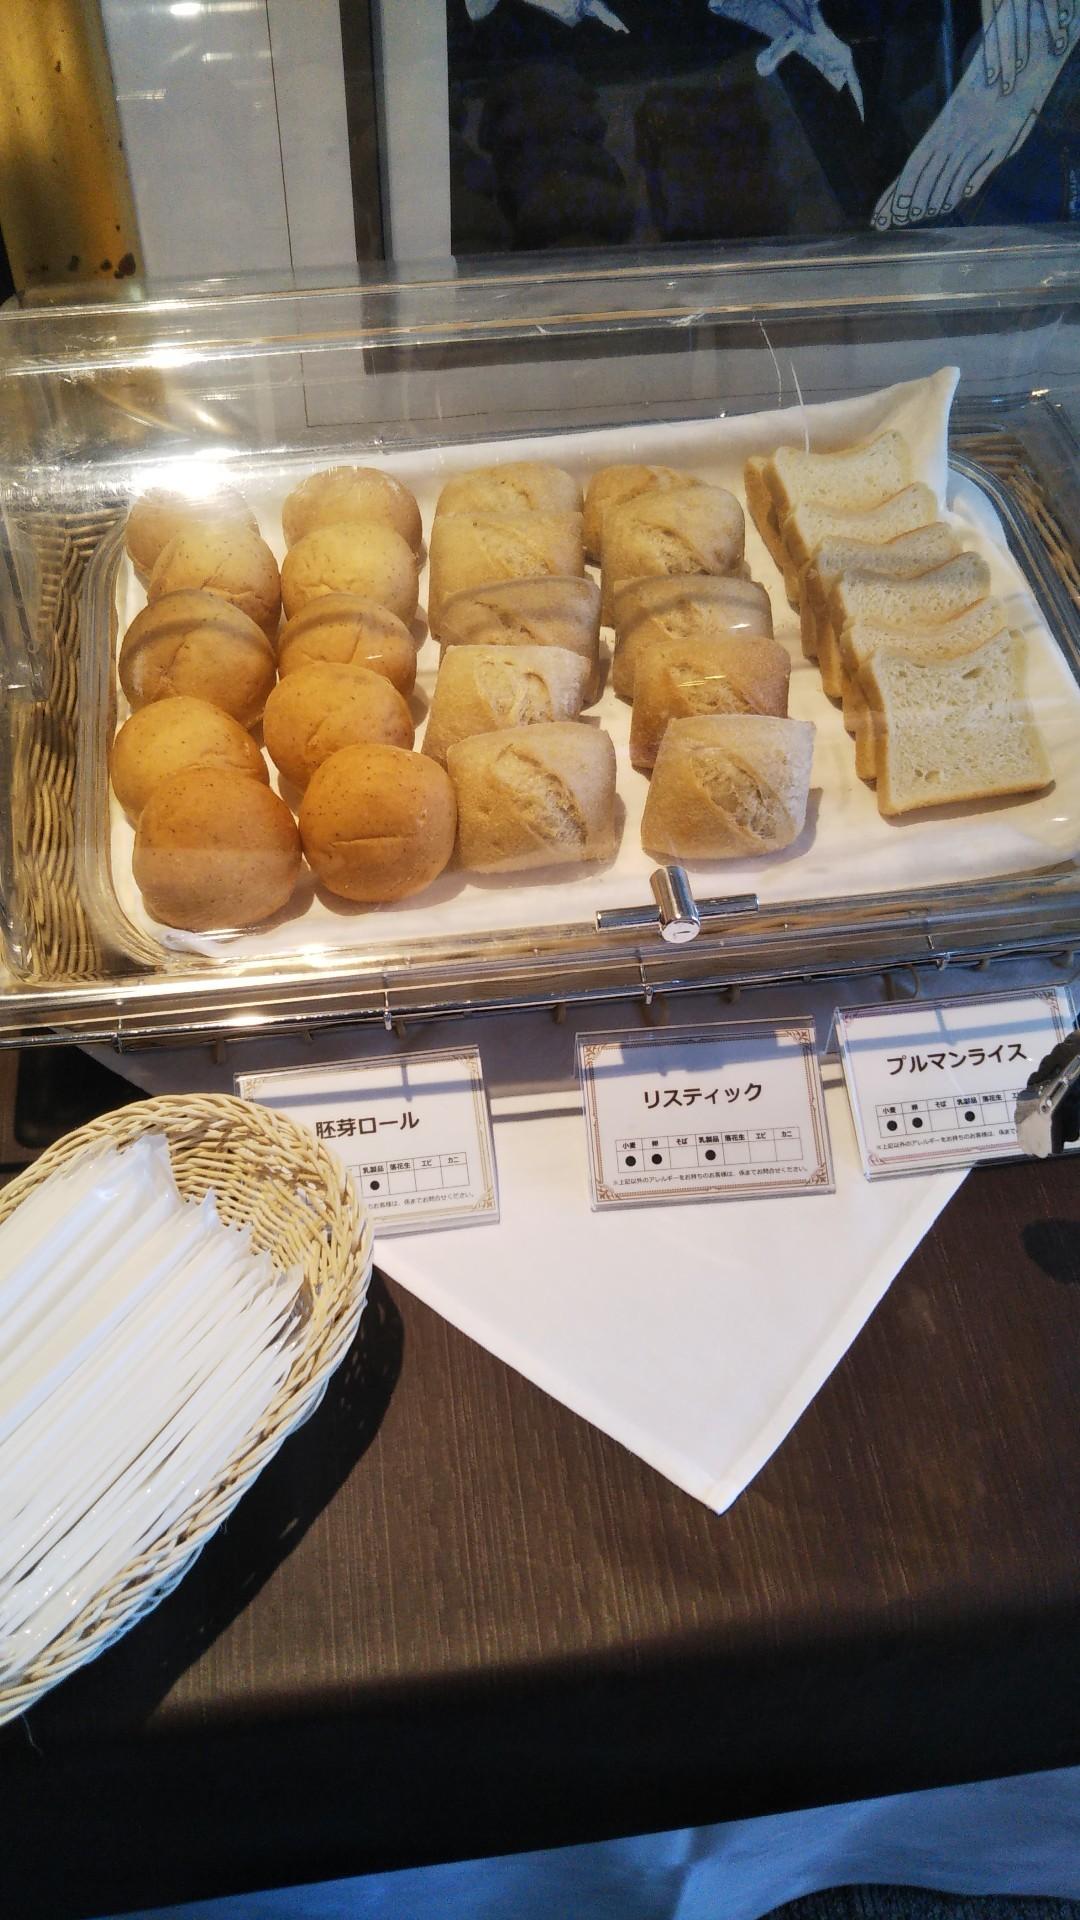 川崎日航ホテル 夜間飛行 チョコレートスイーツブッフェ_f0076001_22203168.jpg